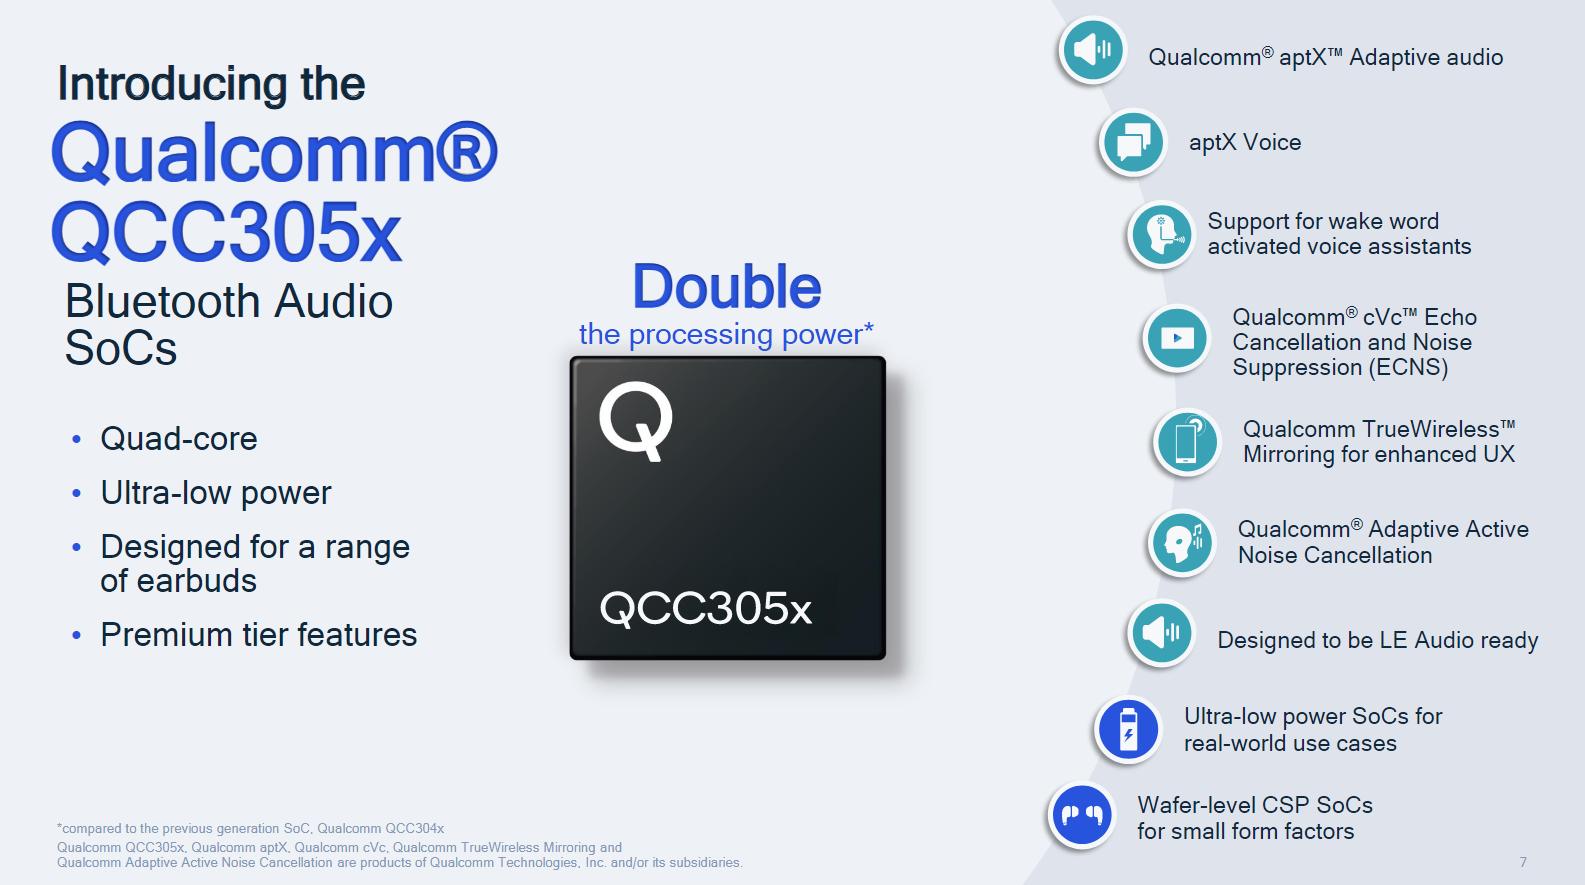 QCC305x SoCs